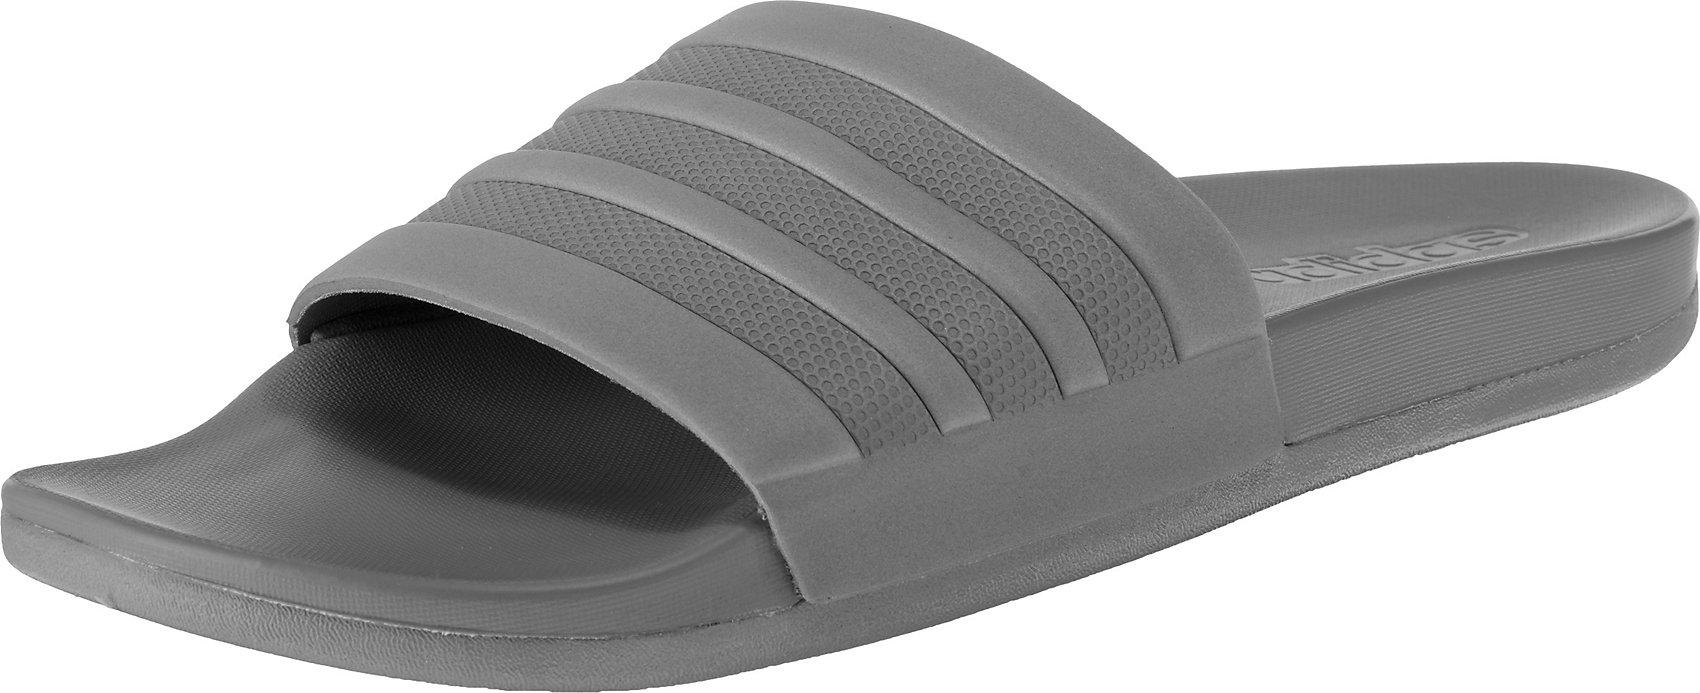 Details zu Neu adidas Performance Adilette CF+ Mono offene Schuhe 7467333 für Herren